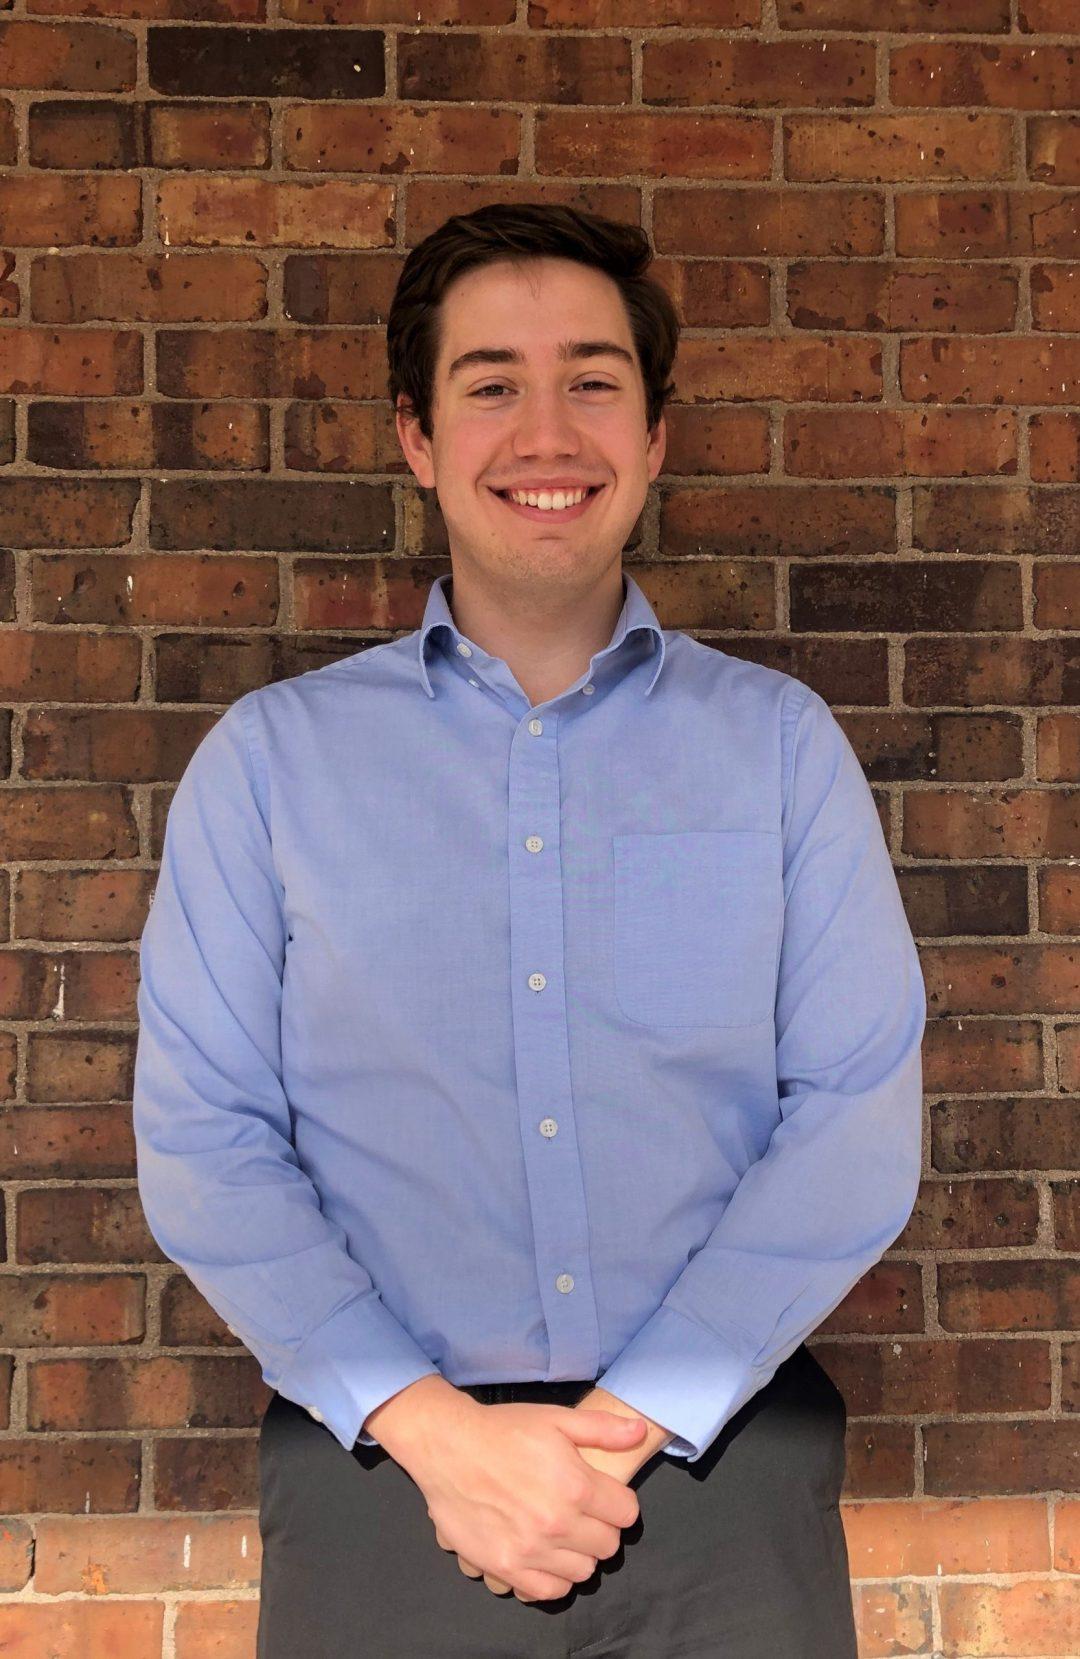 Michael Blankman, CPA